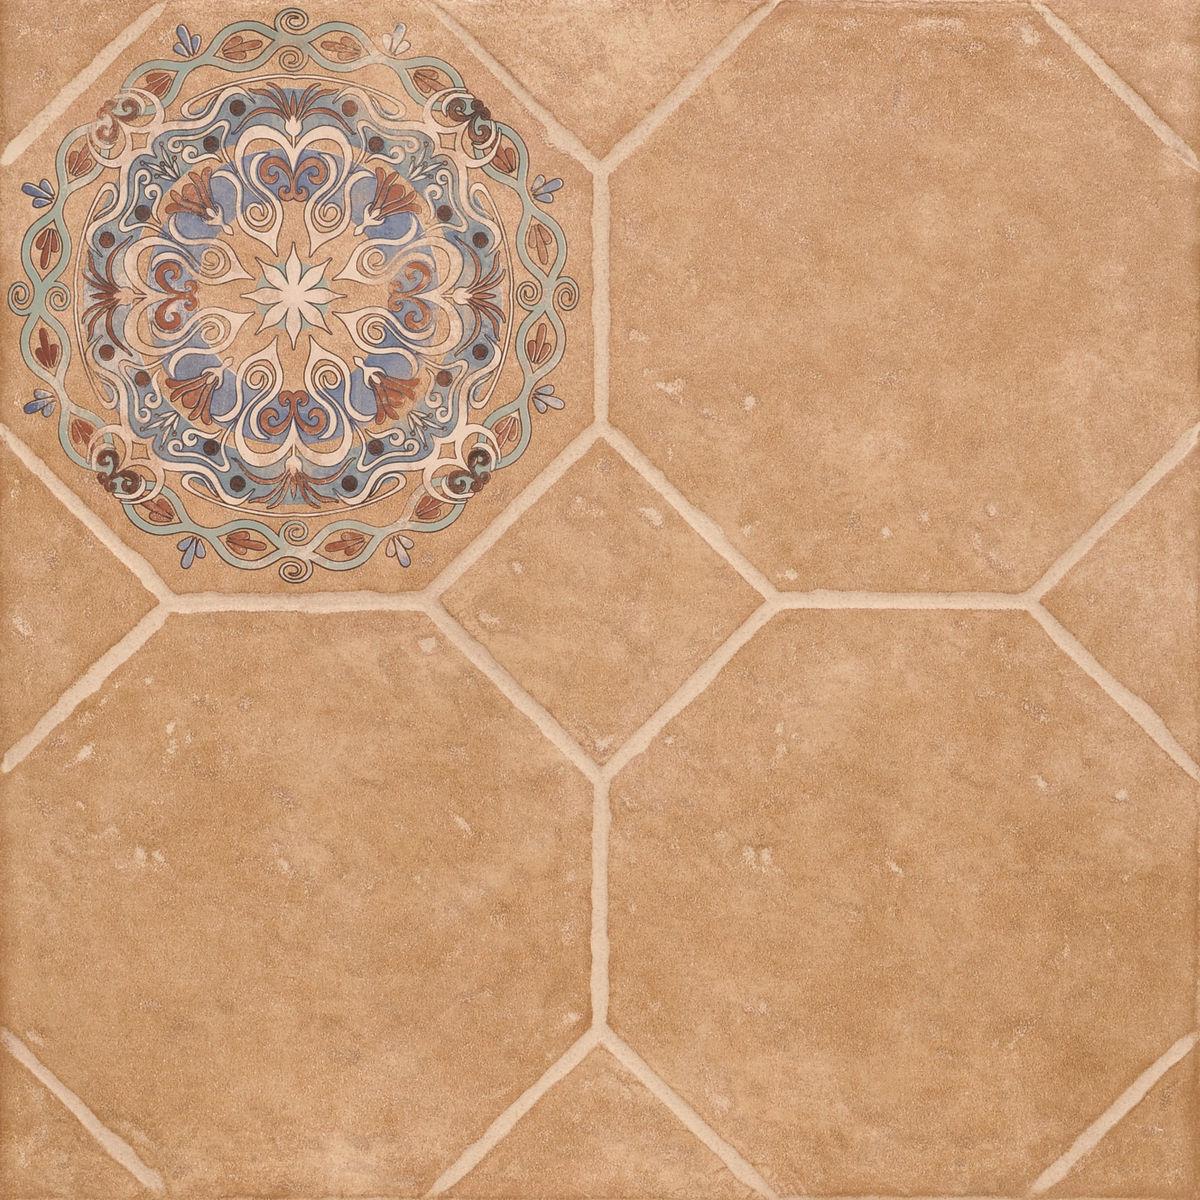 Декор Octagon Deco  octagon beige 45x45 (zwx83d) изображение 0